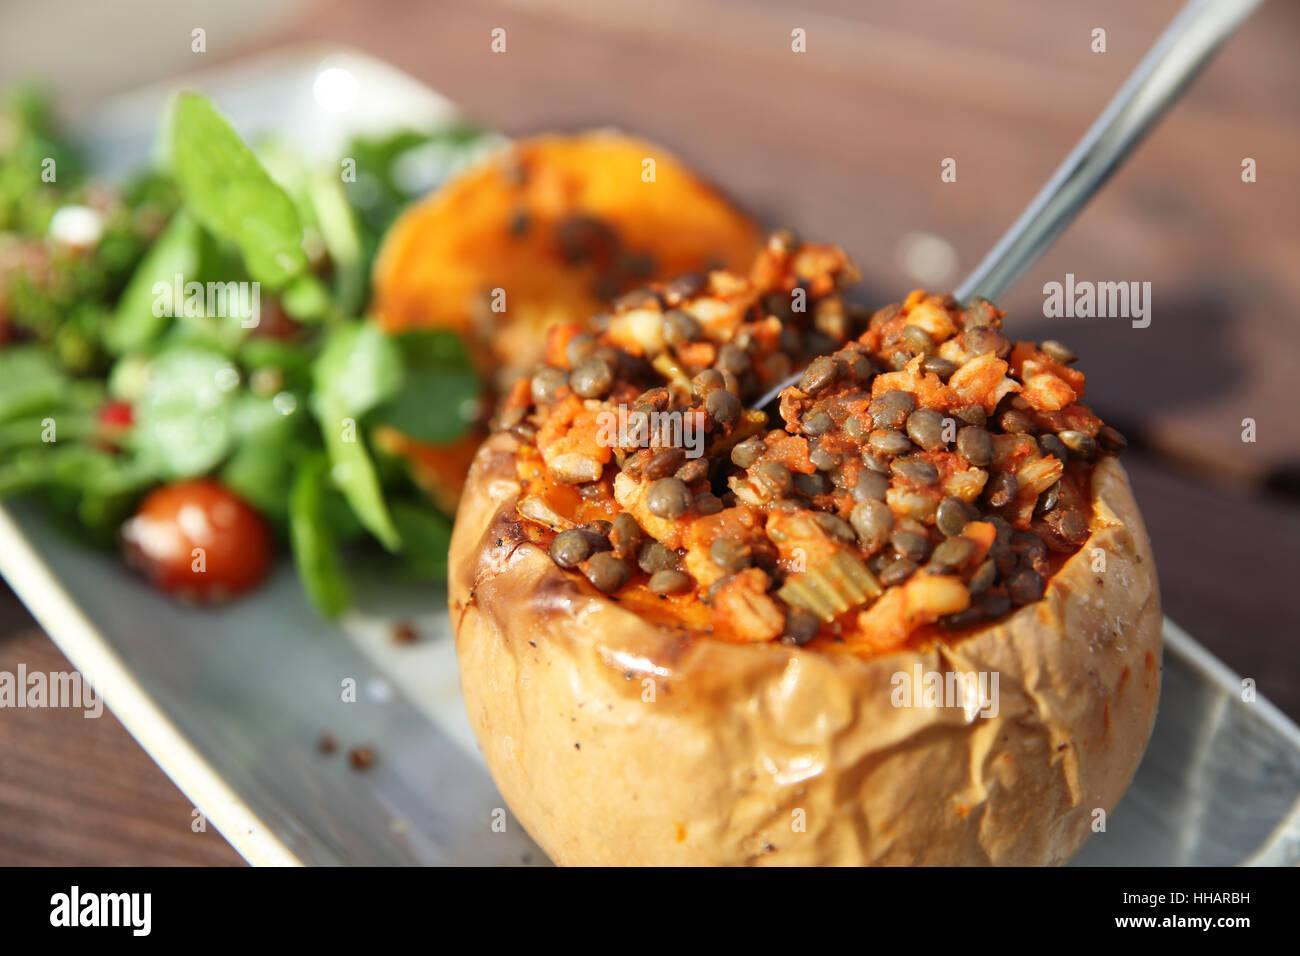 Riscaldamento e sana in autunno o caduta di cibo durante la pausa pranzo, la zucca, lenticchie e insalata, in Inghilterra, Immagini Stock